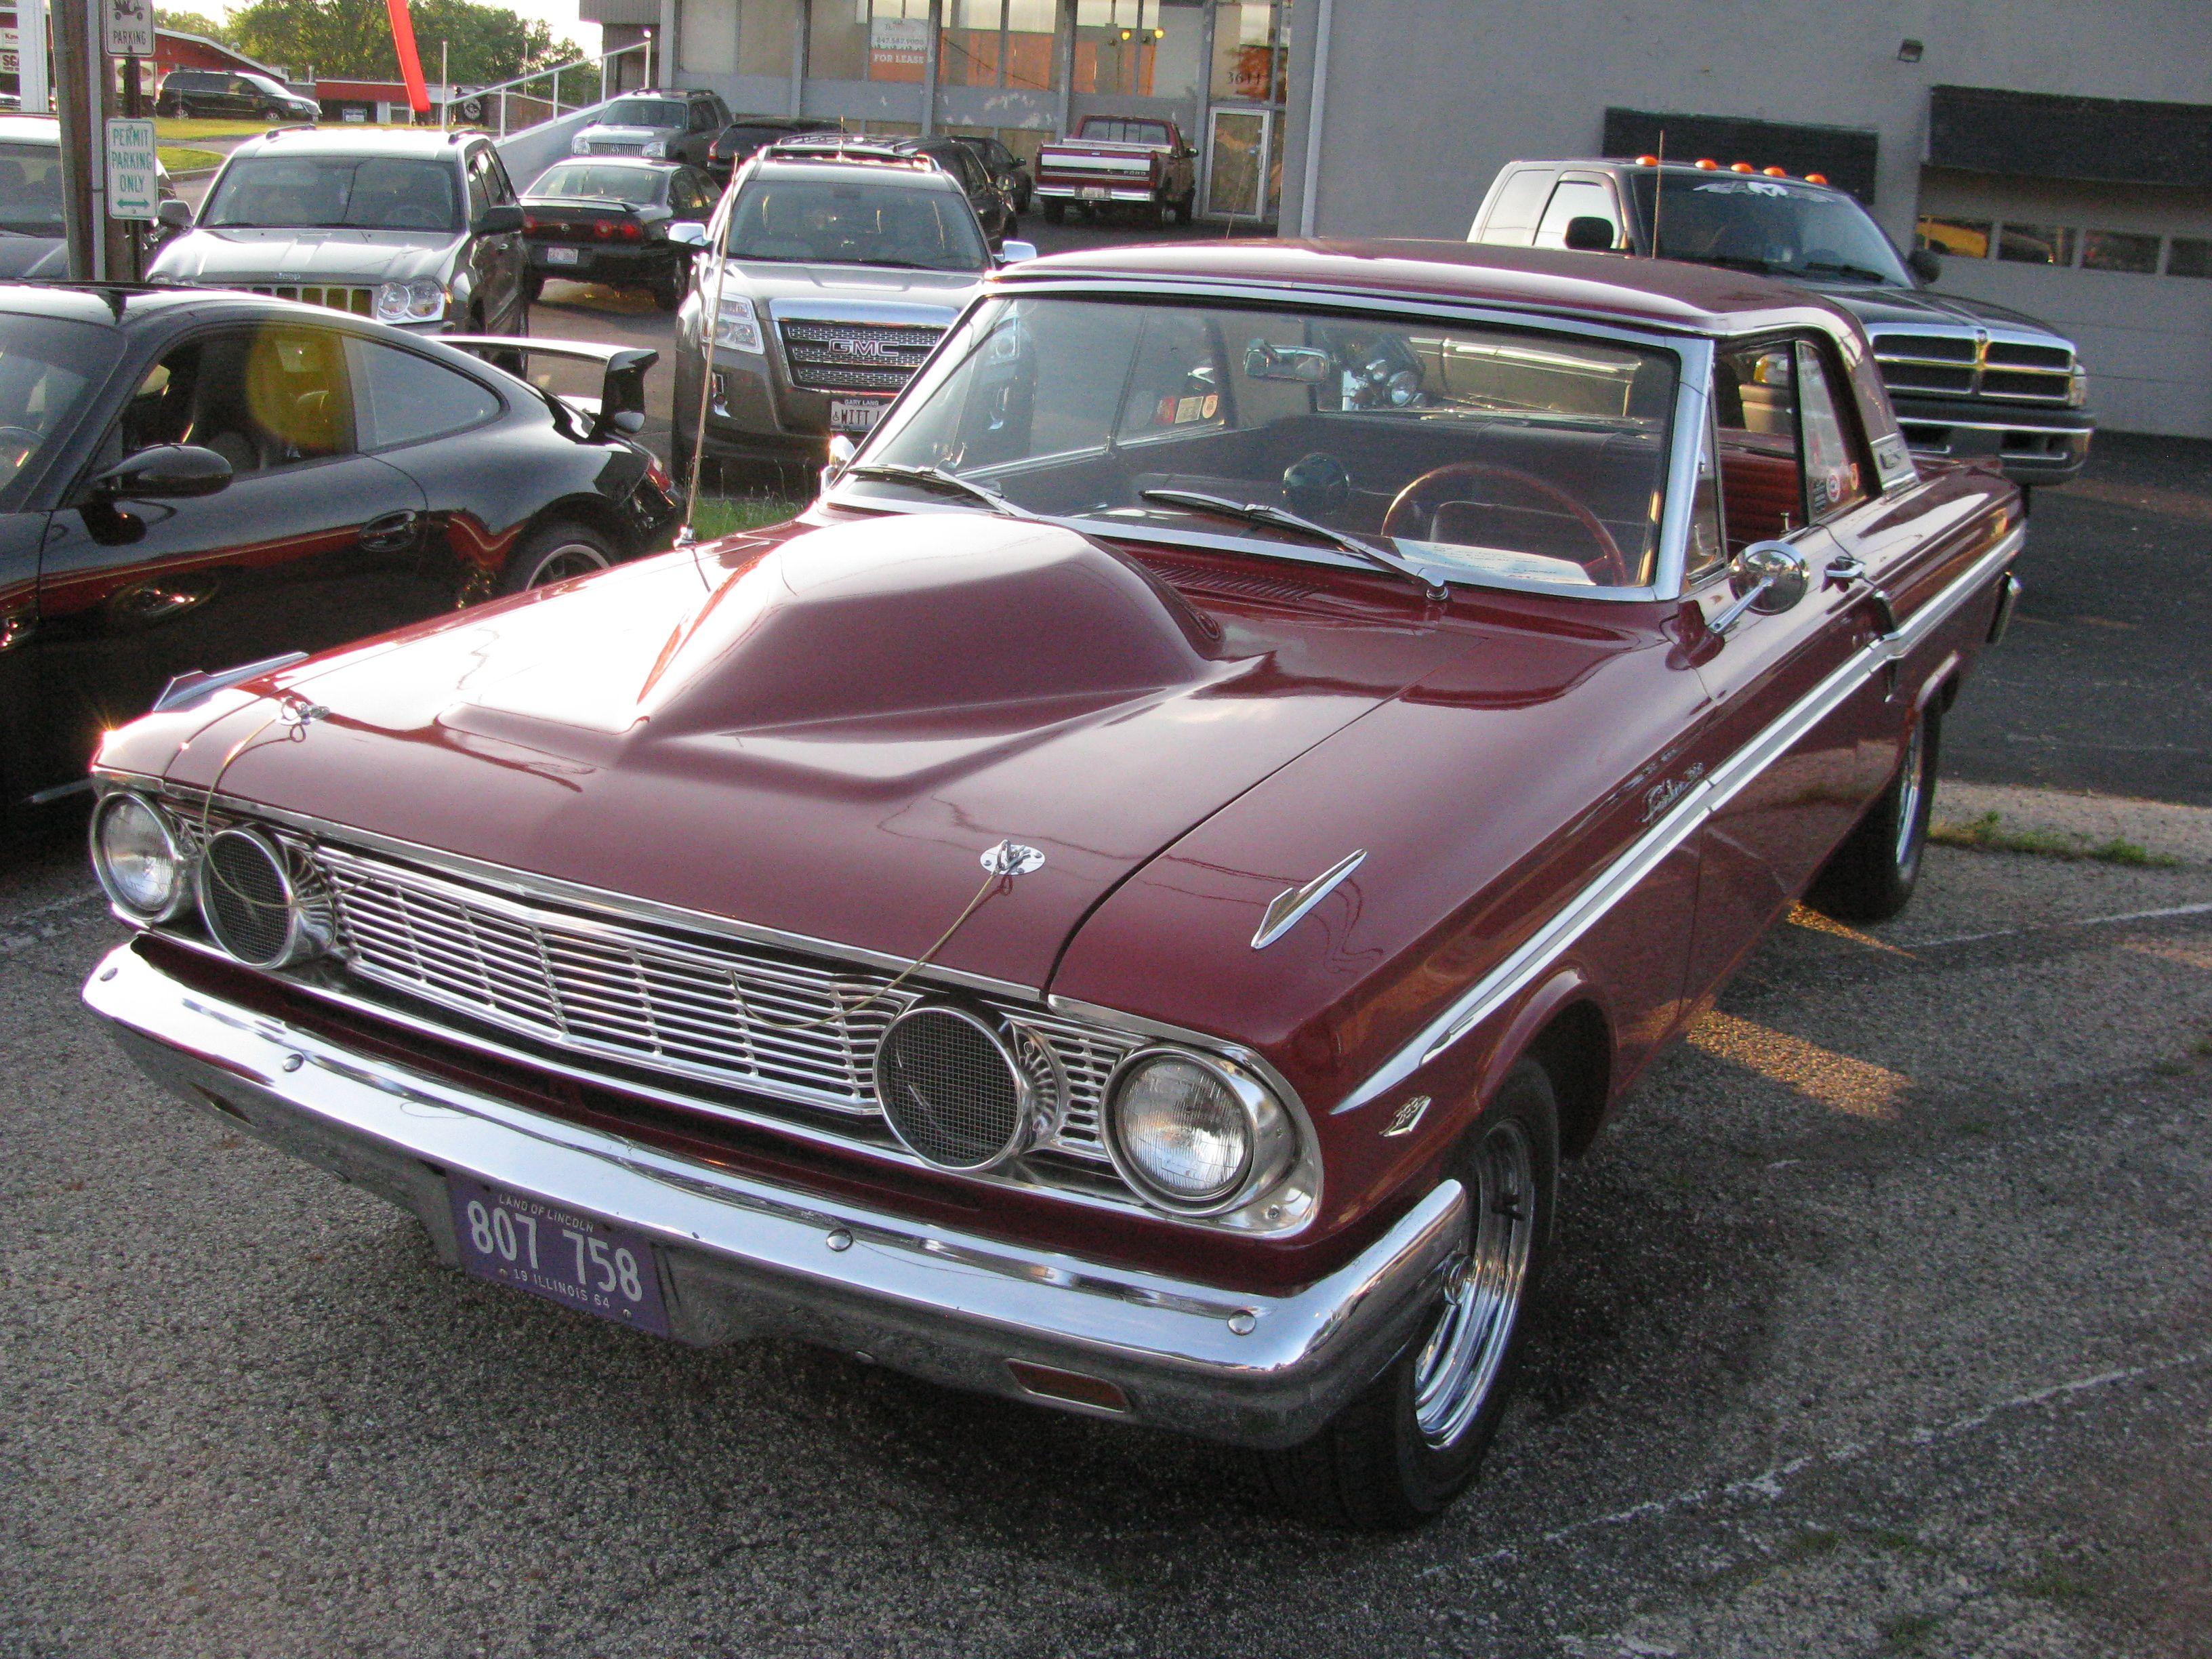 Ford Fairlane Thunderbolt V8 1964 pictures (1600 x 1200) | Vintage ...